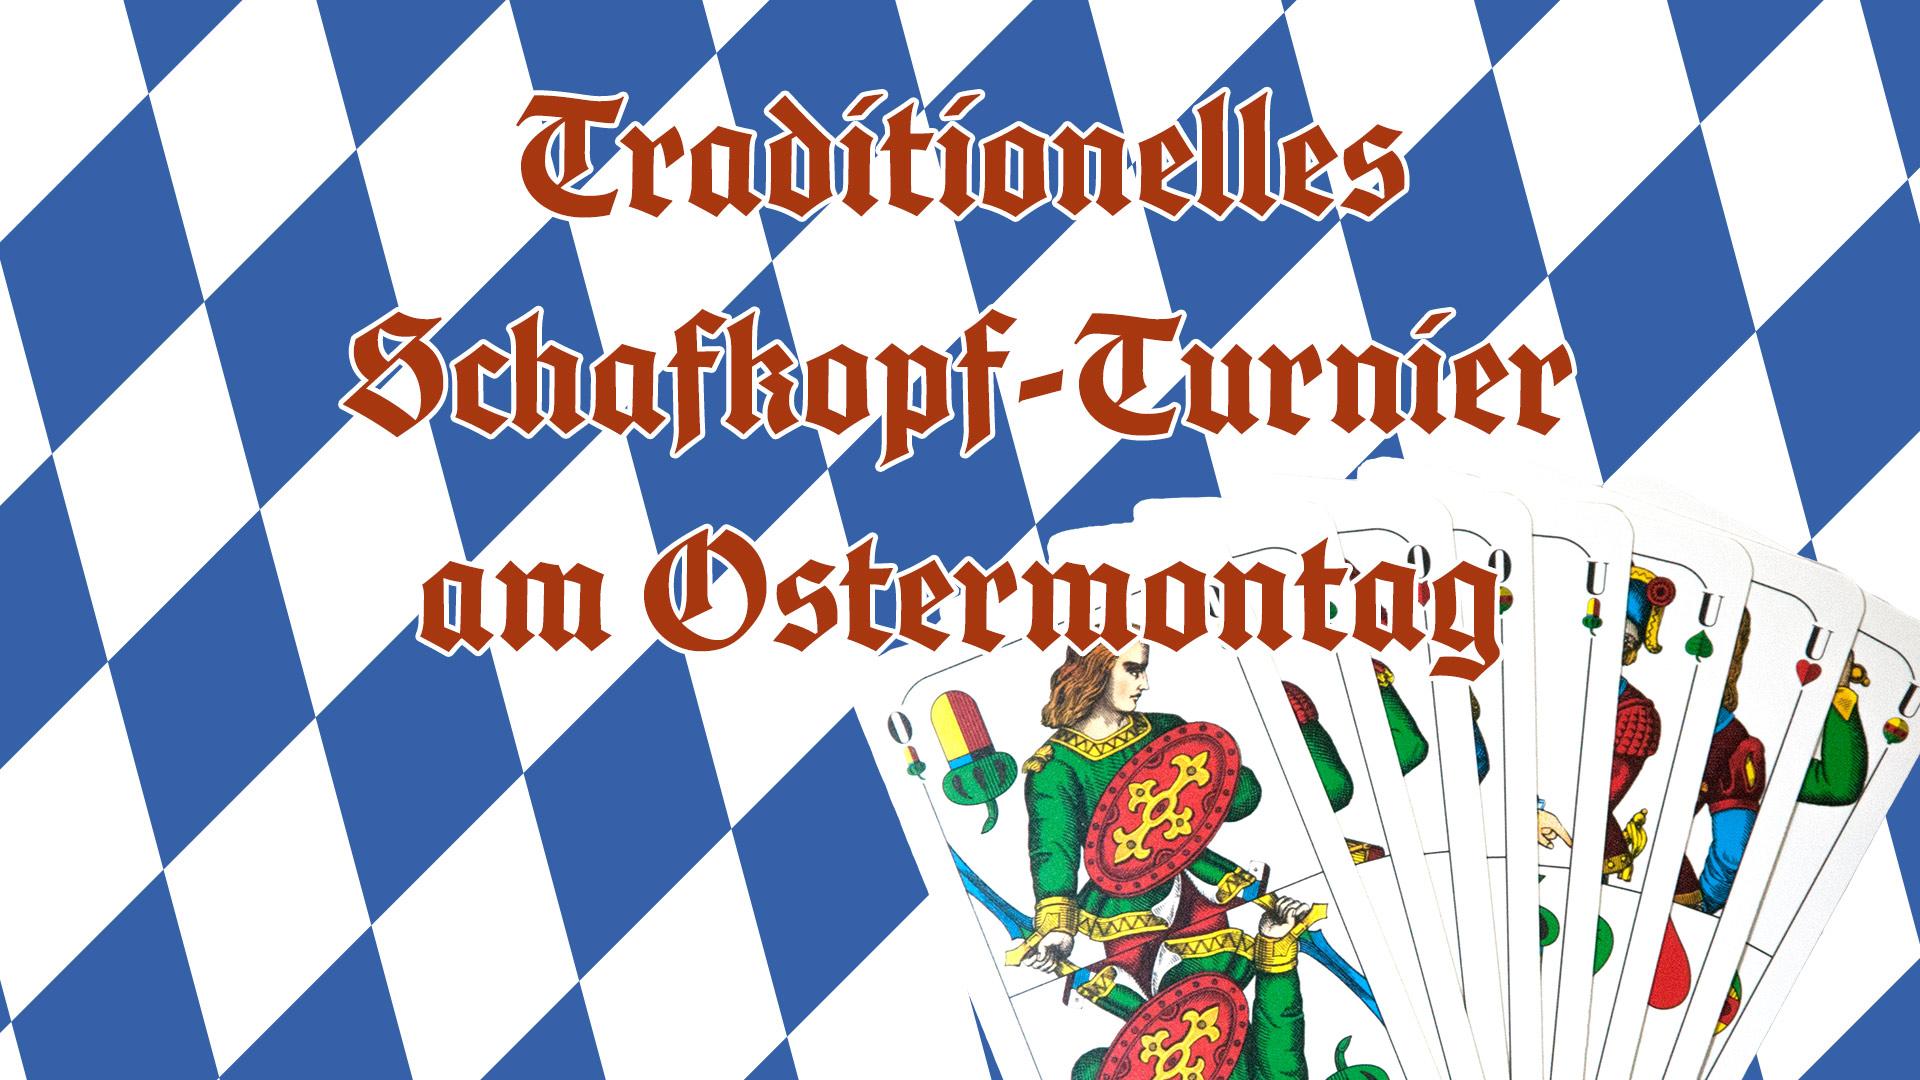 Traditionelles Schafkopfturnier am Ostermontag